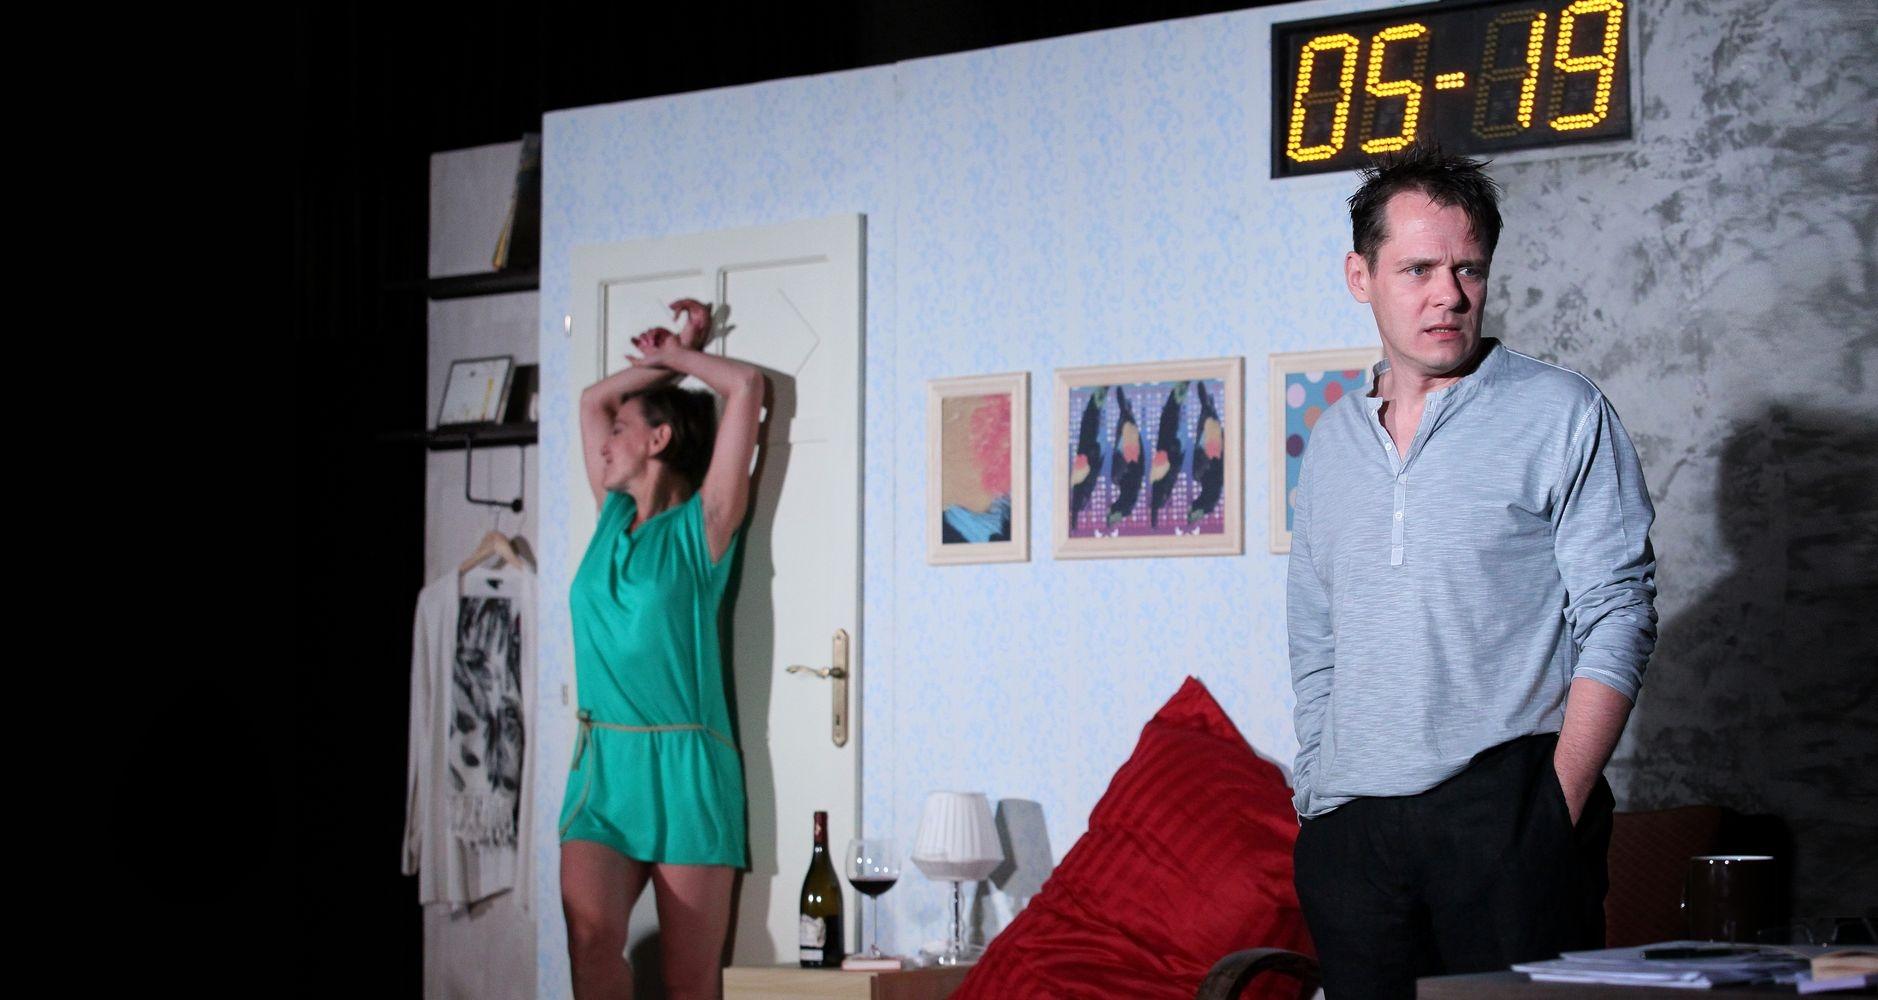 Jelenet a magyar színpadi adaptációból, a főszerepekben Fullajtár Andrea és Őze Áron